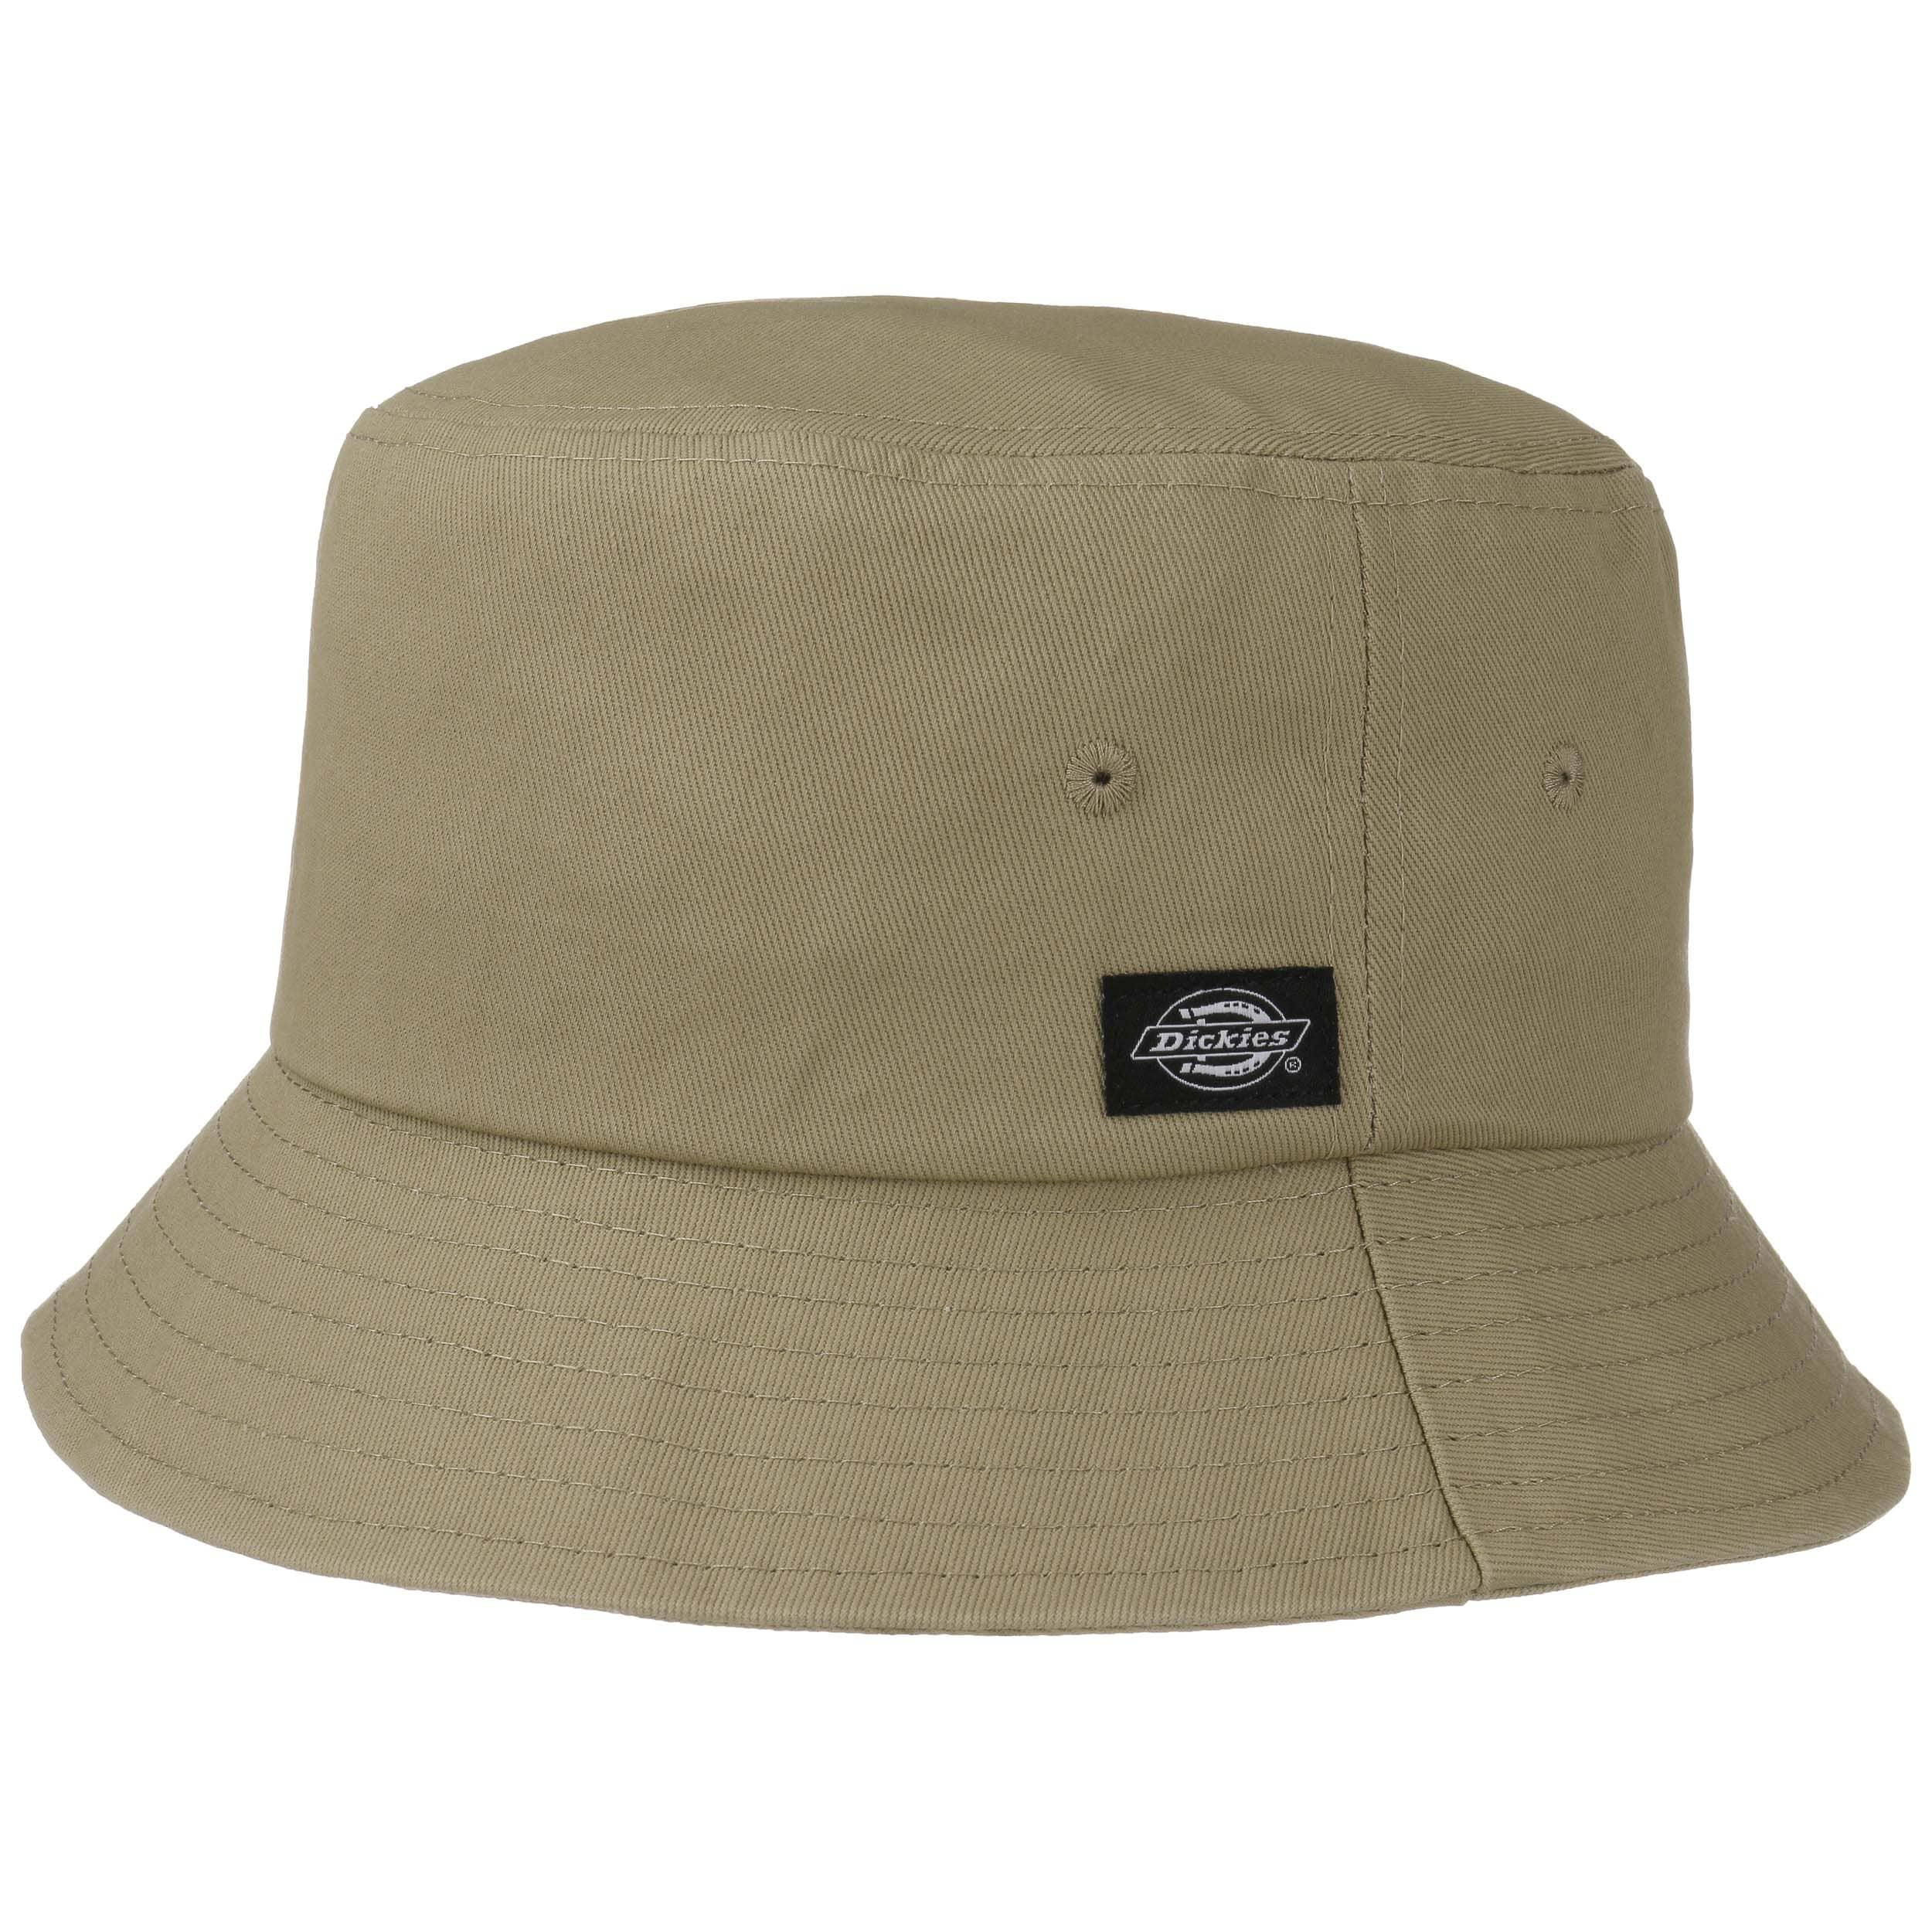 Sombrero de Pescador Addison by Dickies - Sombreros - sombreroshop.es eb36334dc35